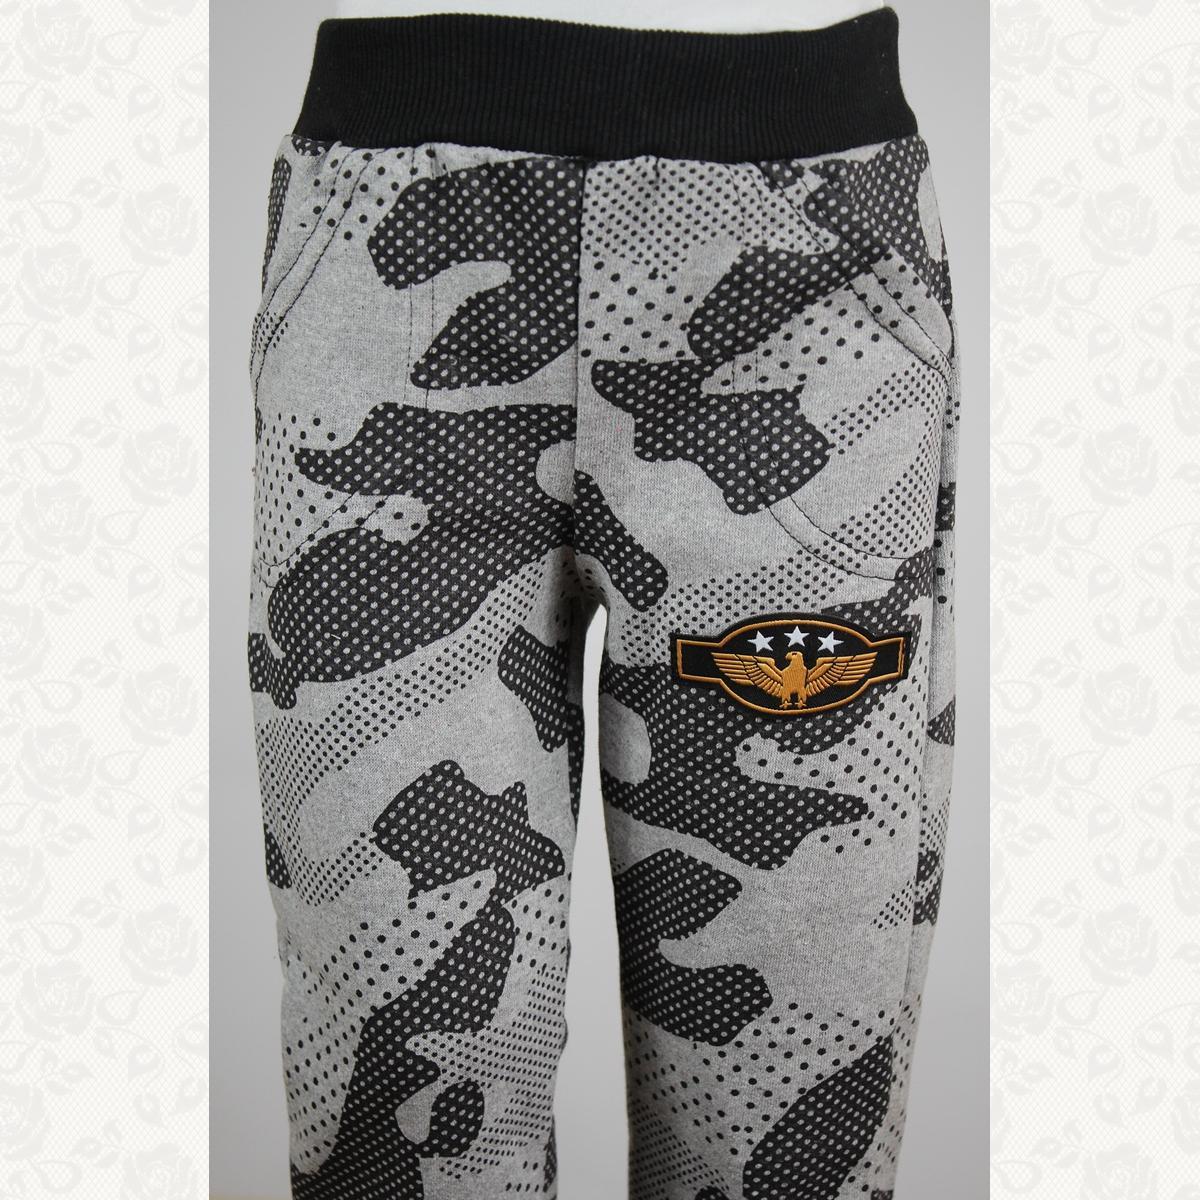 Спортивные штанишки на флисе с манжетиком, цвет серый, 5 шт.